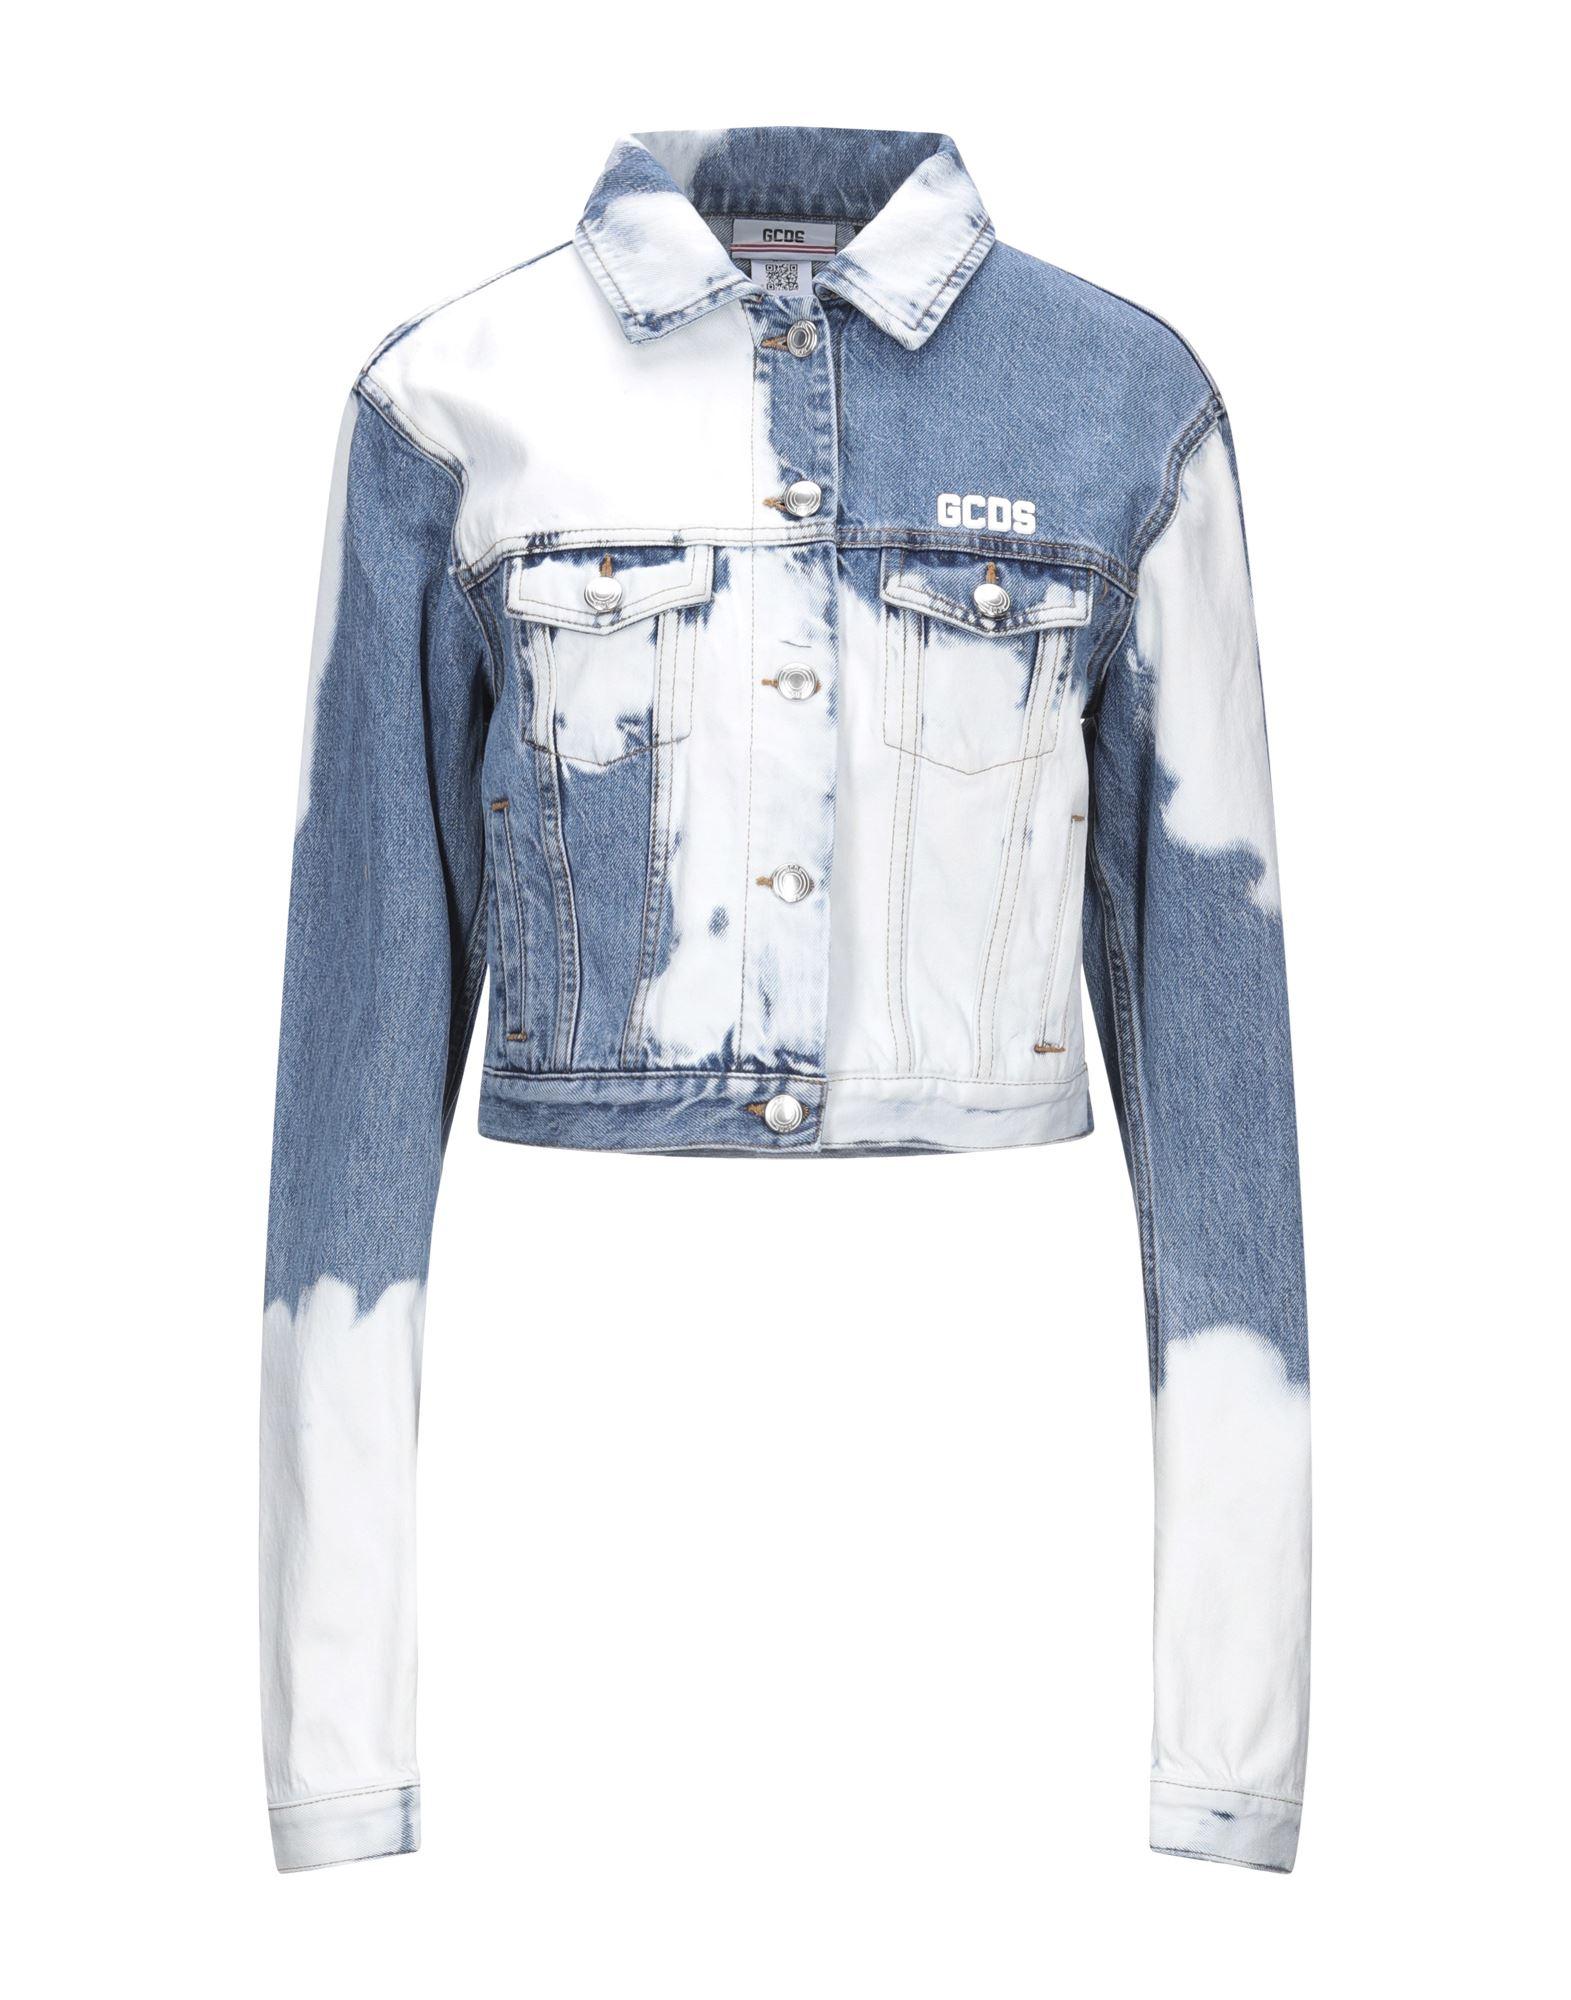 Фото - GCDS Джинсовая верхняя одежда scout джинсовая верхняя одежда